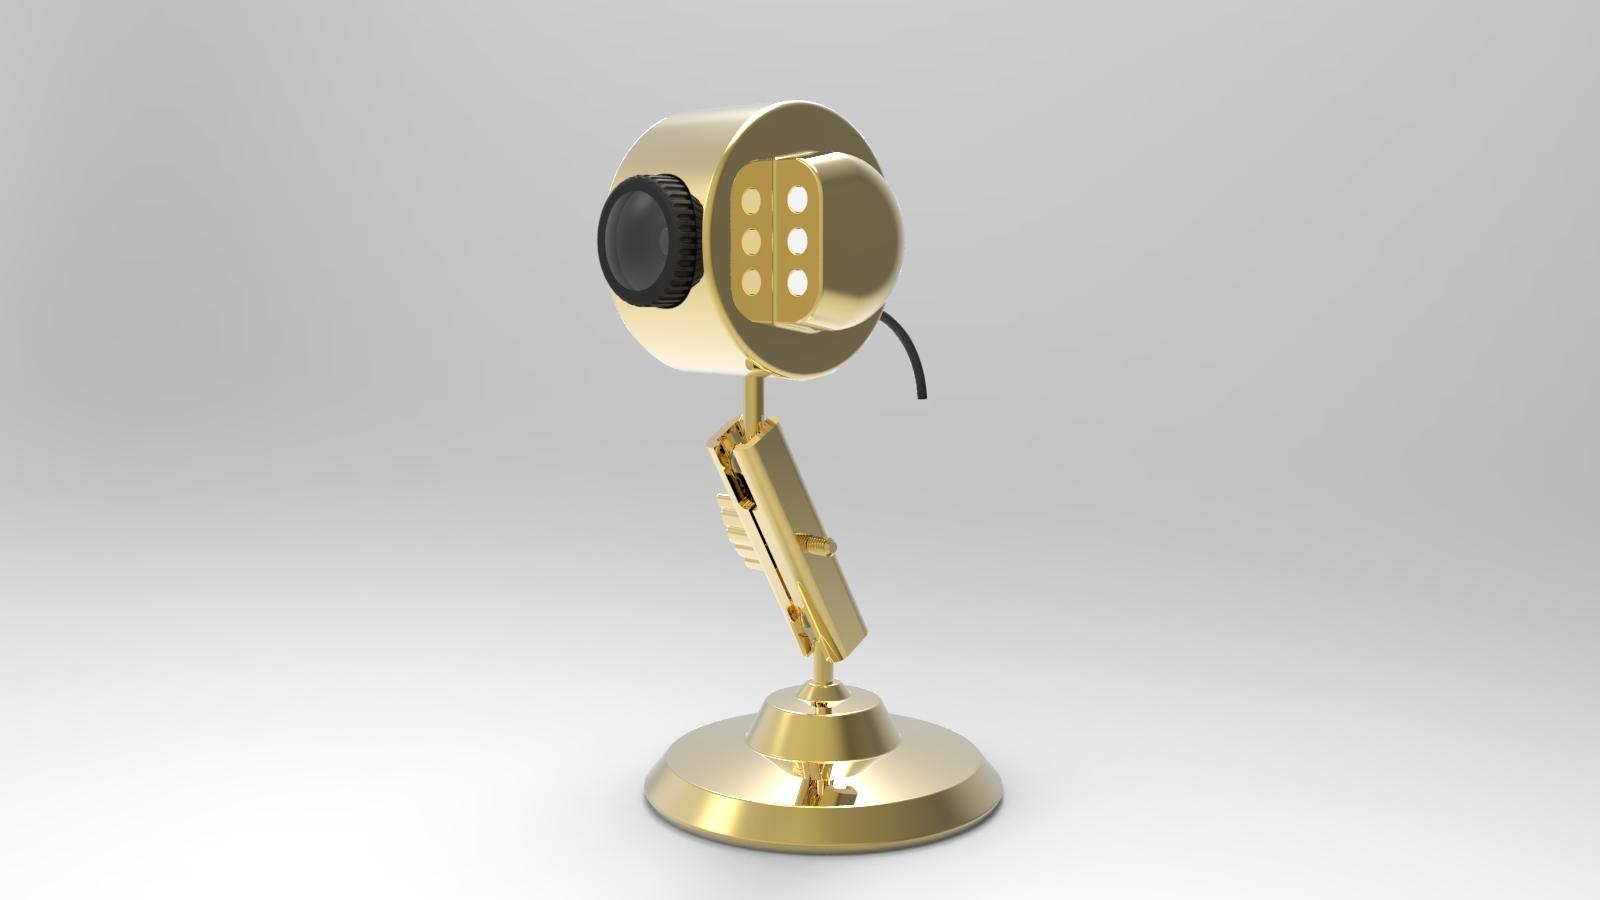 Robotcamerav148_vr_vr.67